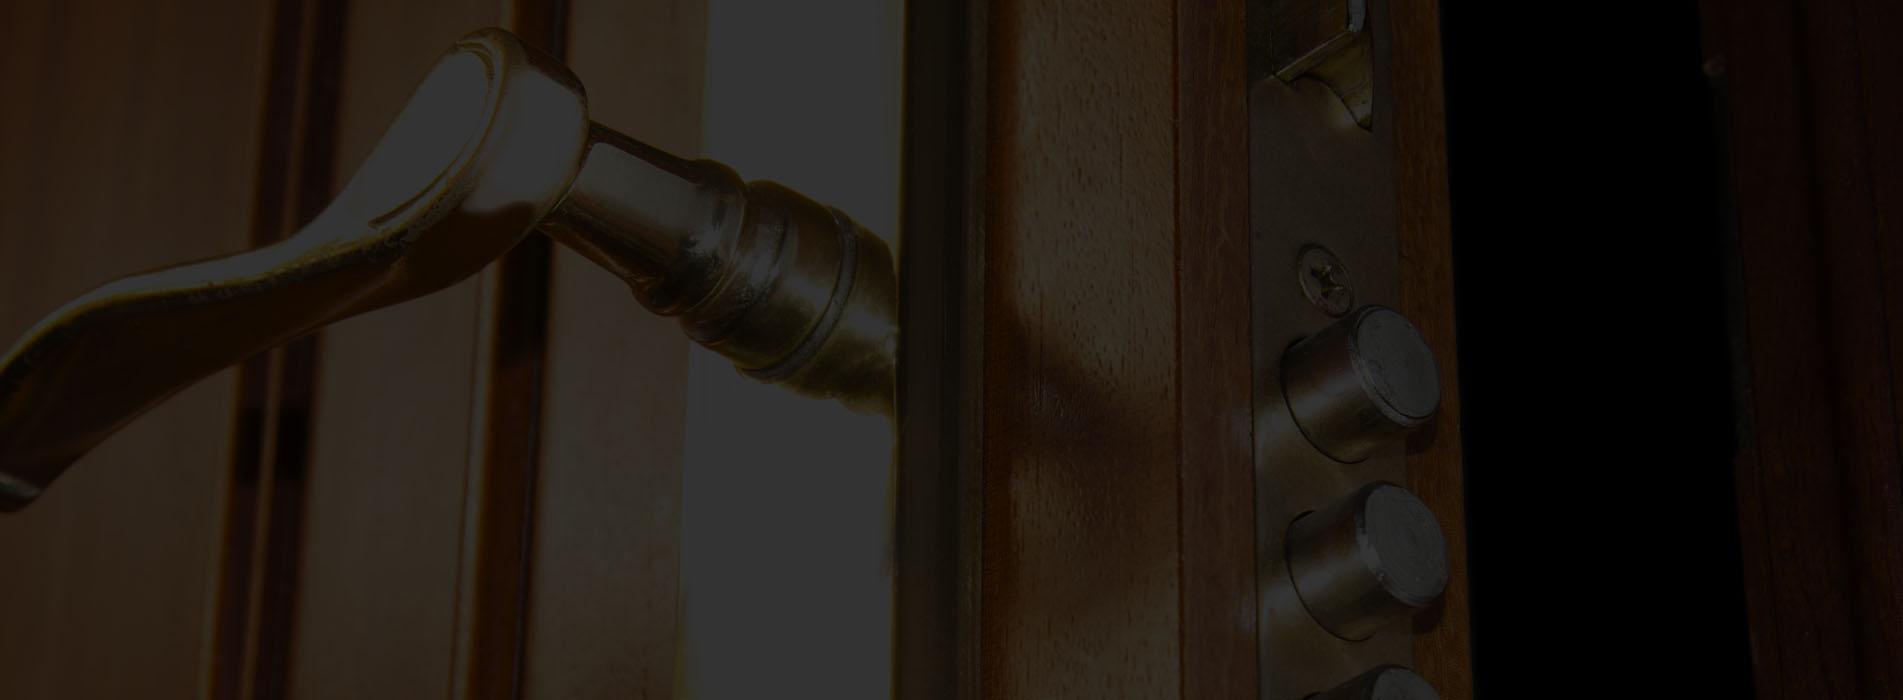 instalacion de puertas acorazadas madrid